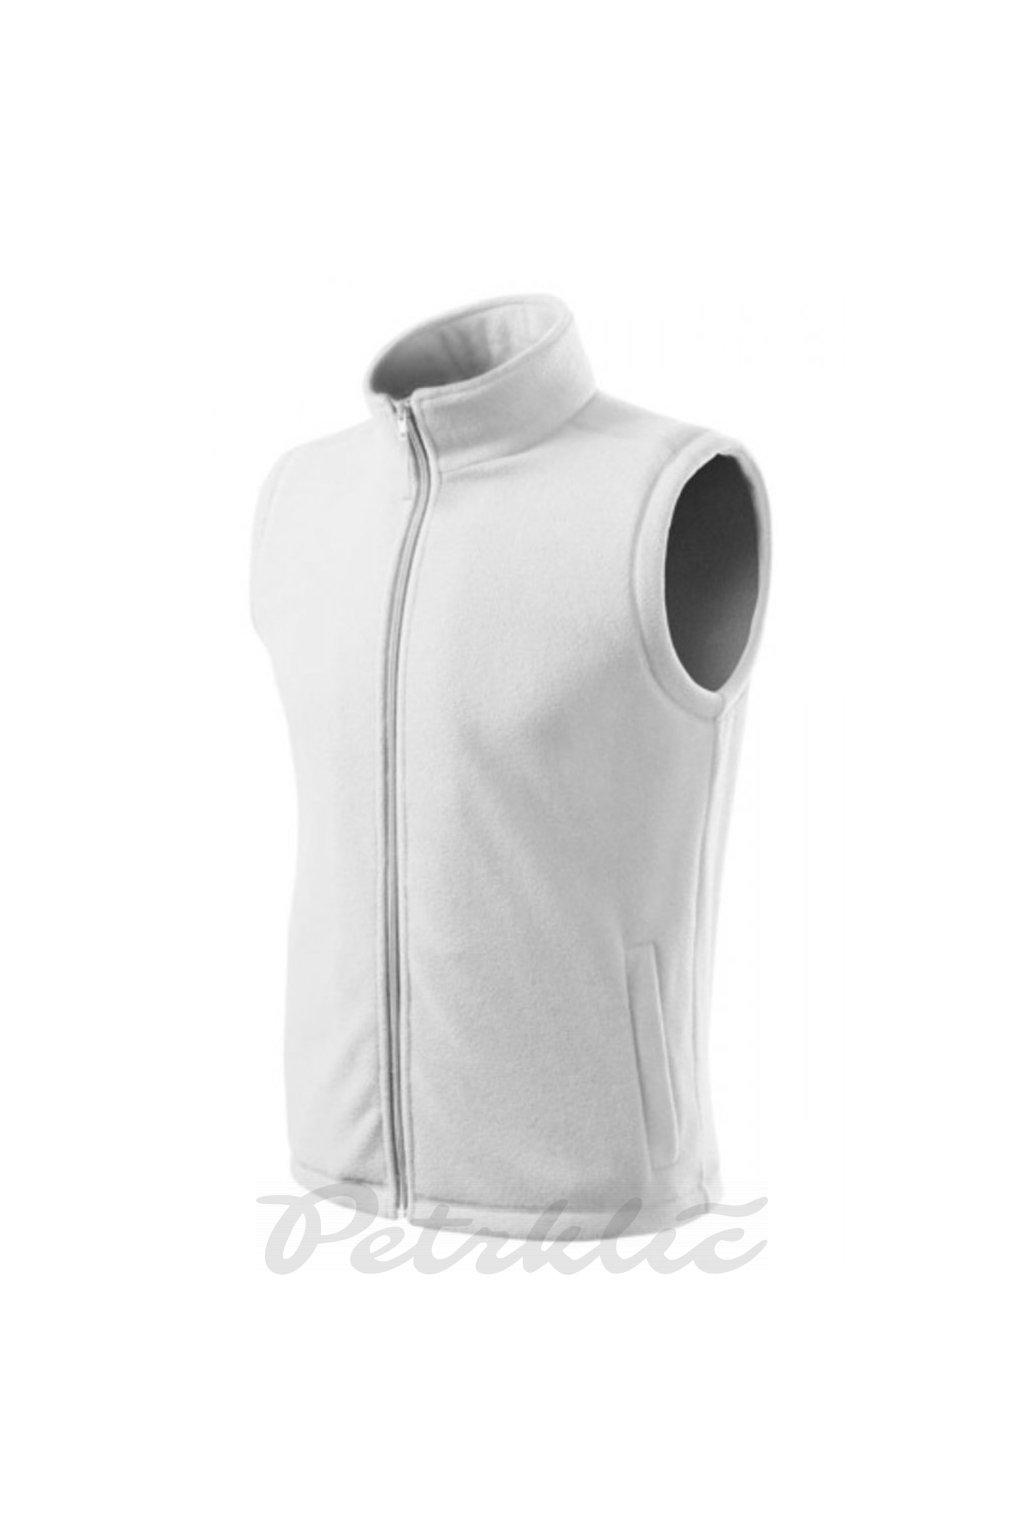 NEXT - fleece vesta pánská i dámská